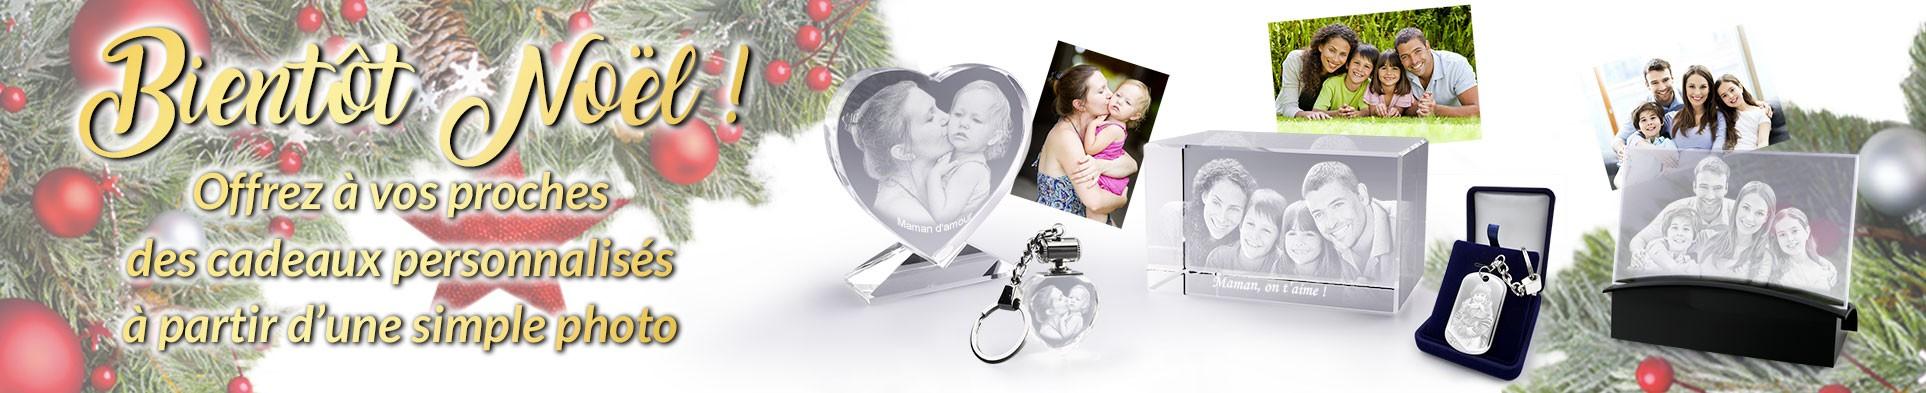 Pour Noël, Offrez un Cadeau Photo personnalisé à partir d'une simple photo